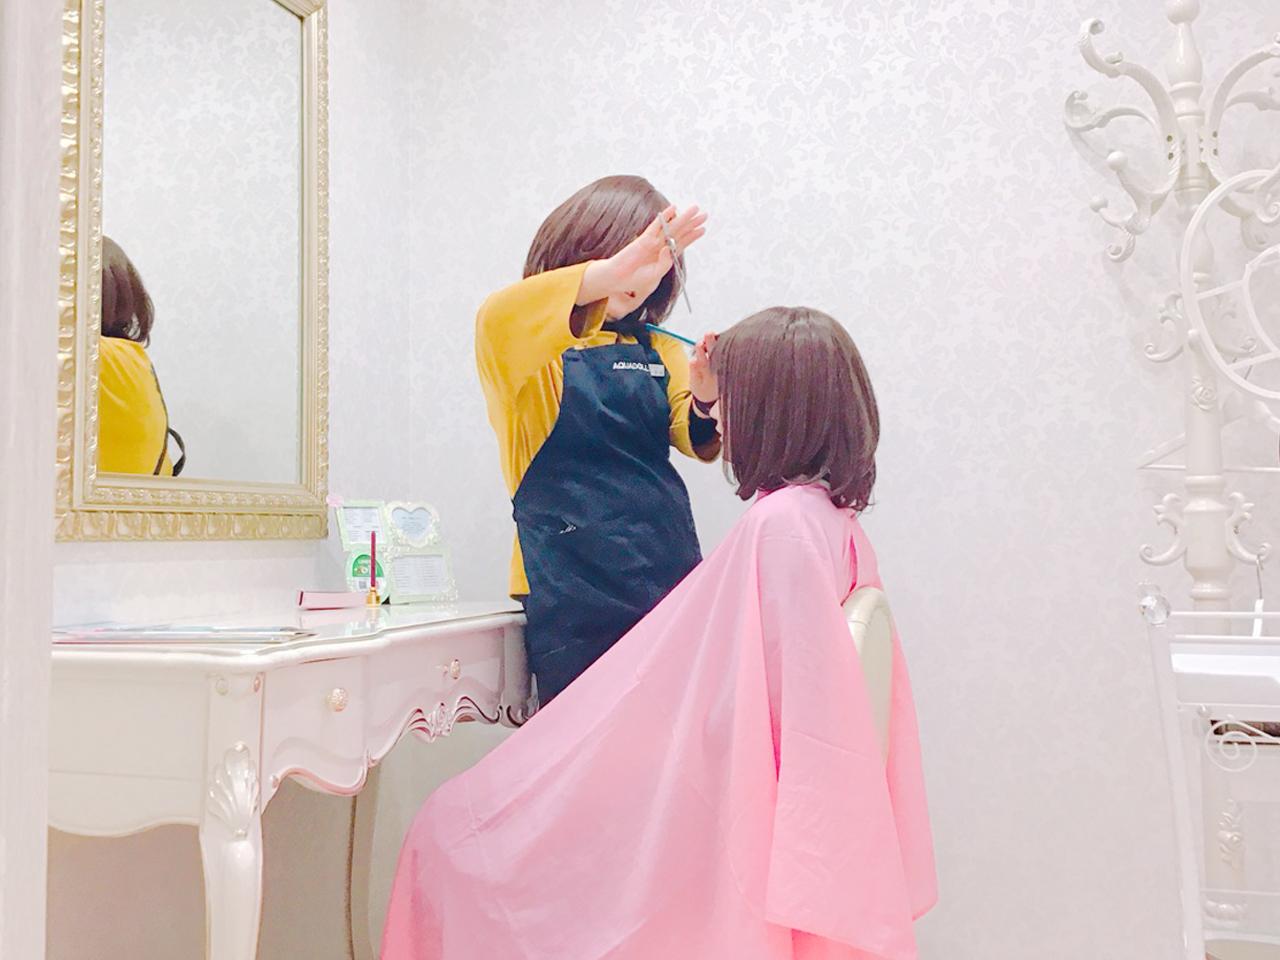 医療用ウィッグ専門店のアクアドール名古屋店ではサイズ調整や前髪カットなどその場でウィッグをお客様ピッタリに整えます。